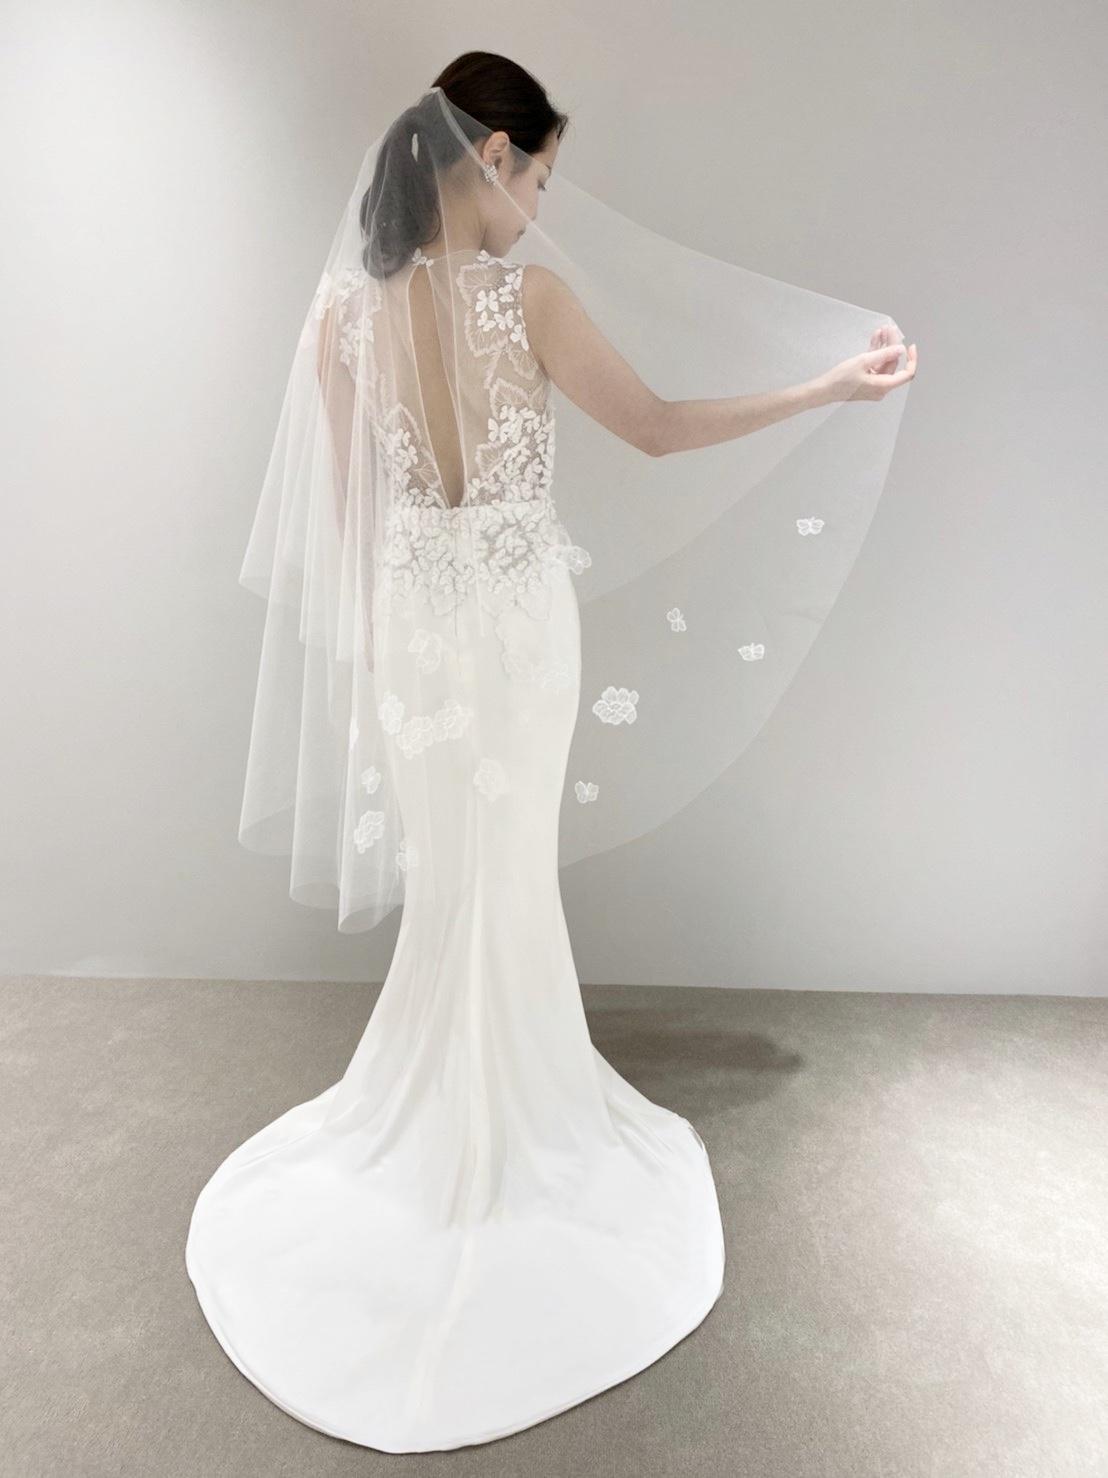 ザ・トリートドレッシング大阪店からザ・ガーデンオリエンタル・大阪に合う透明感溢れる立体的な刺繍が特徴的なソフトマーメイドラインのウェディングドレス